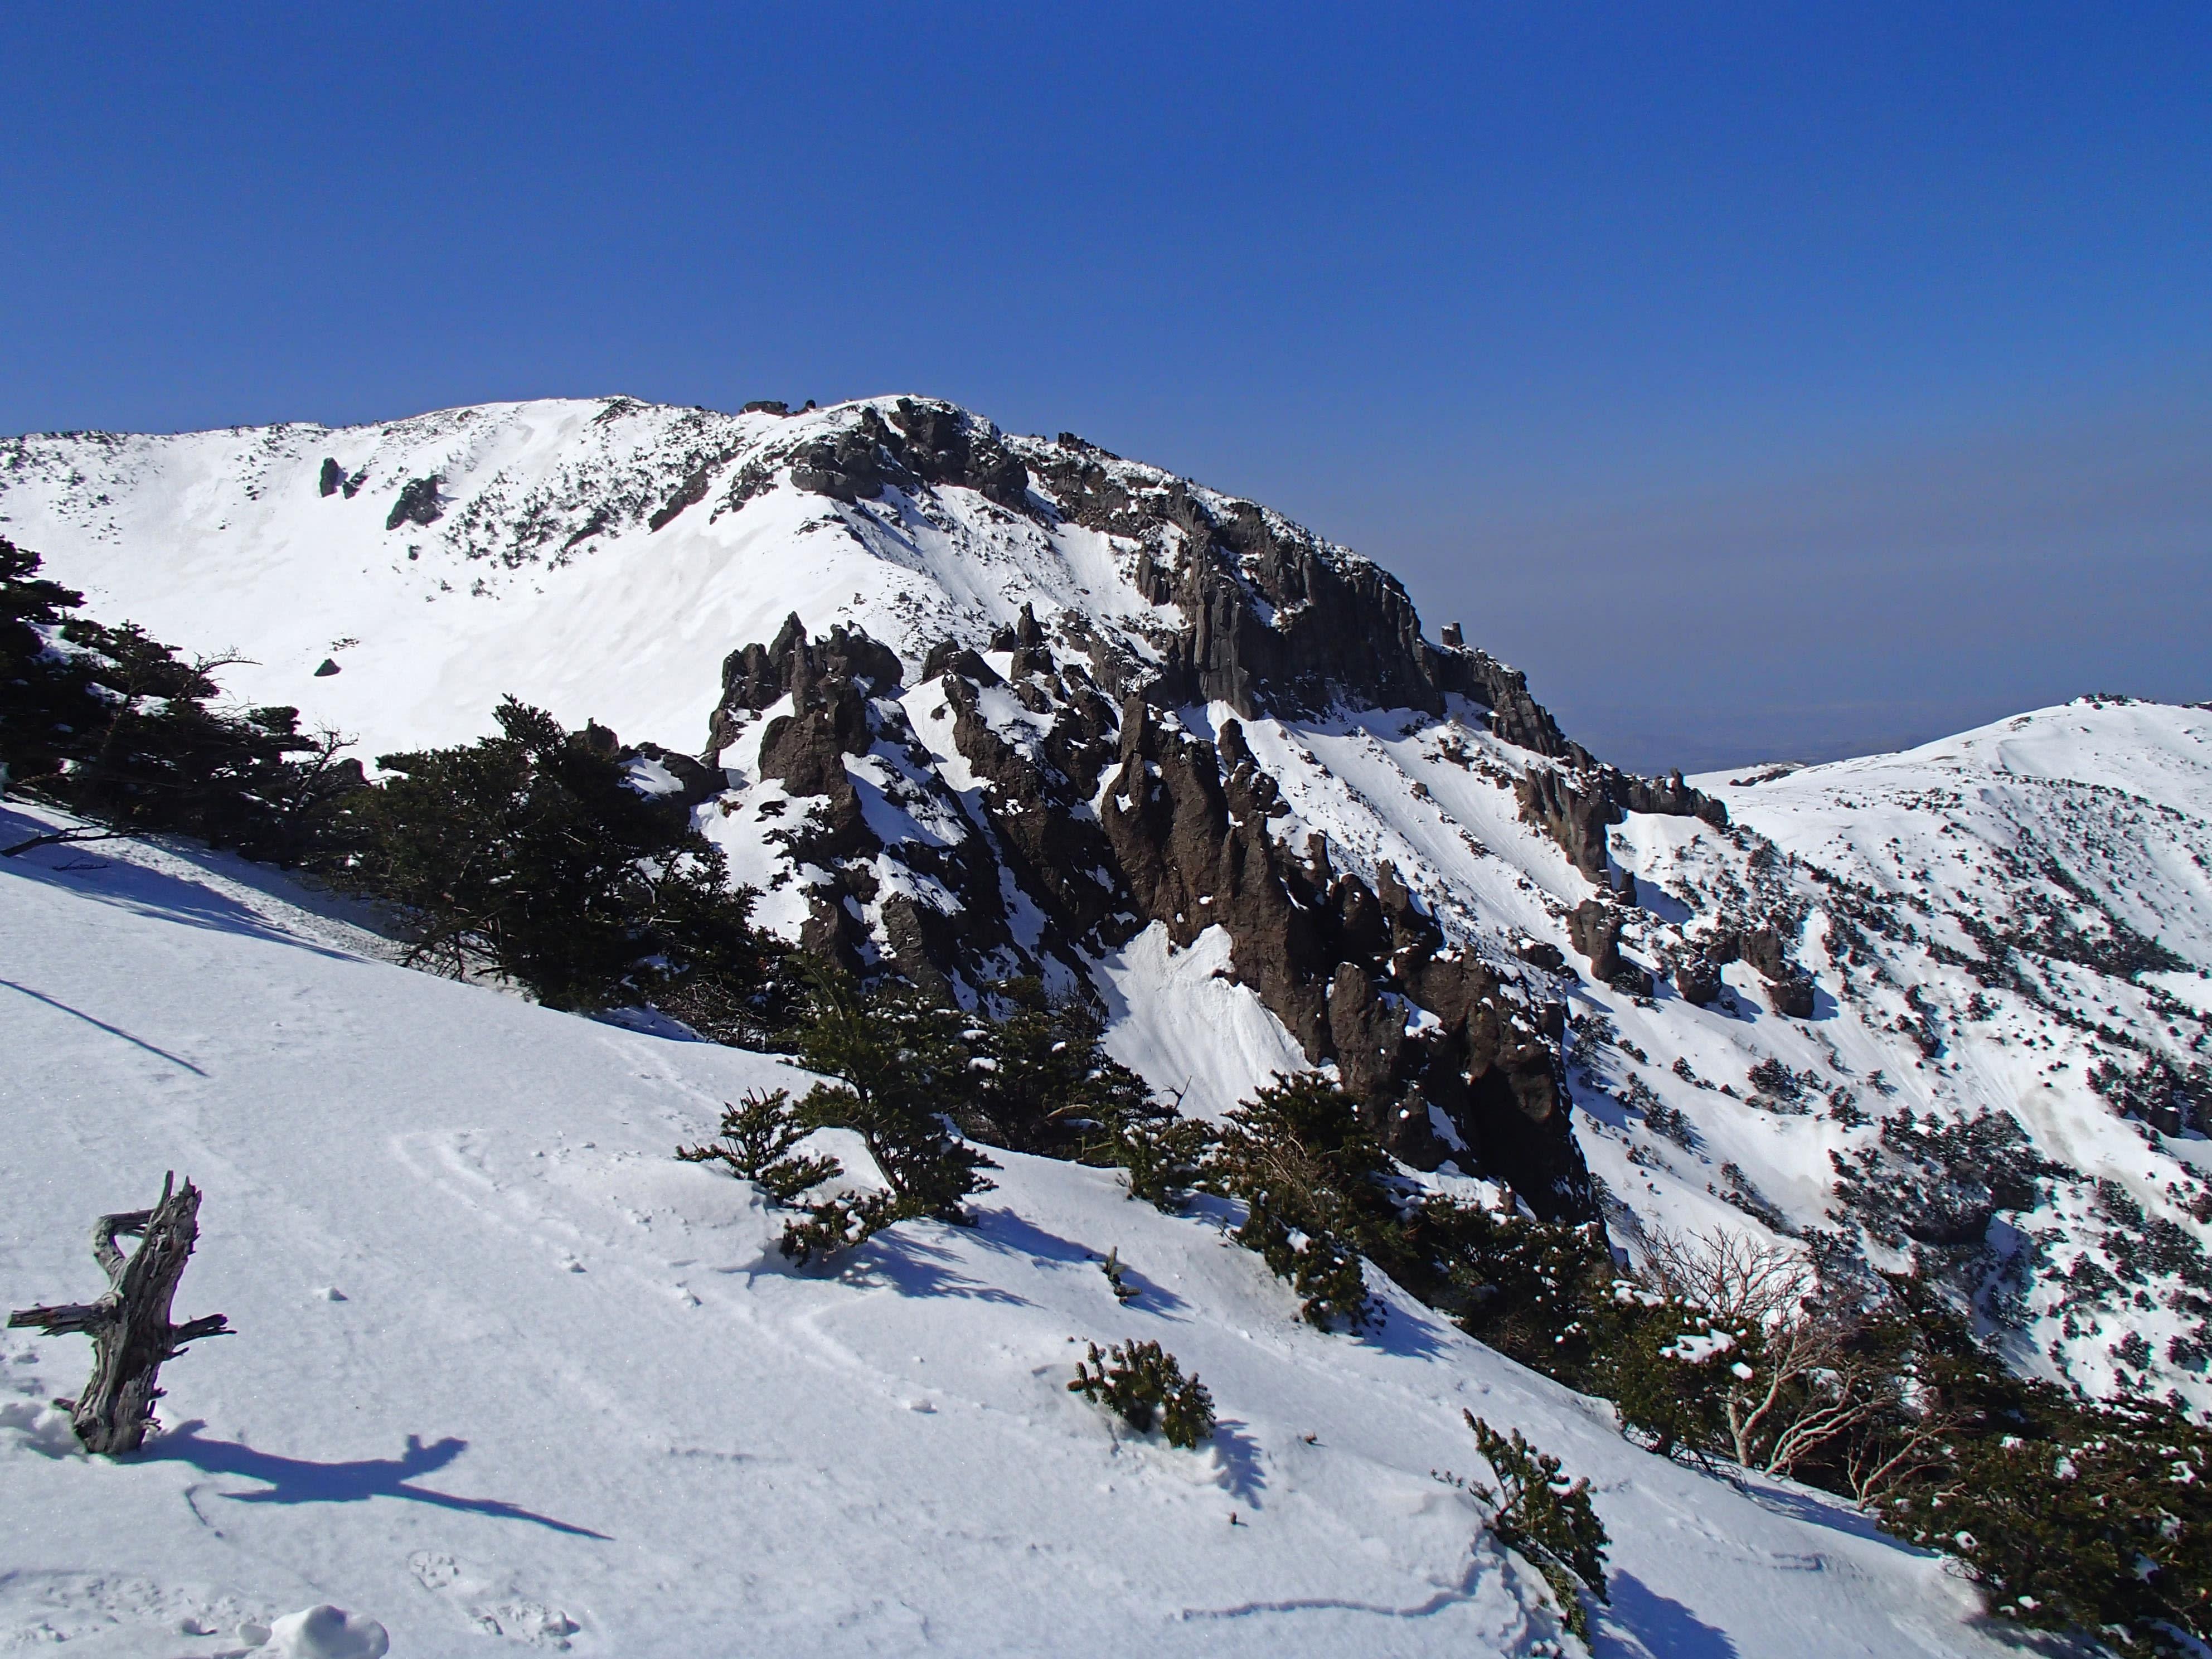 đỉnh núi hallasan vào mùa đông